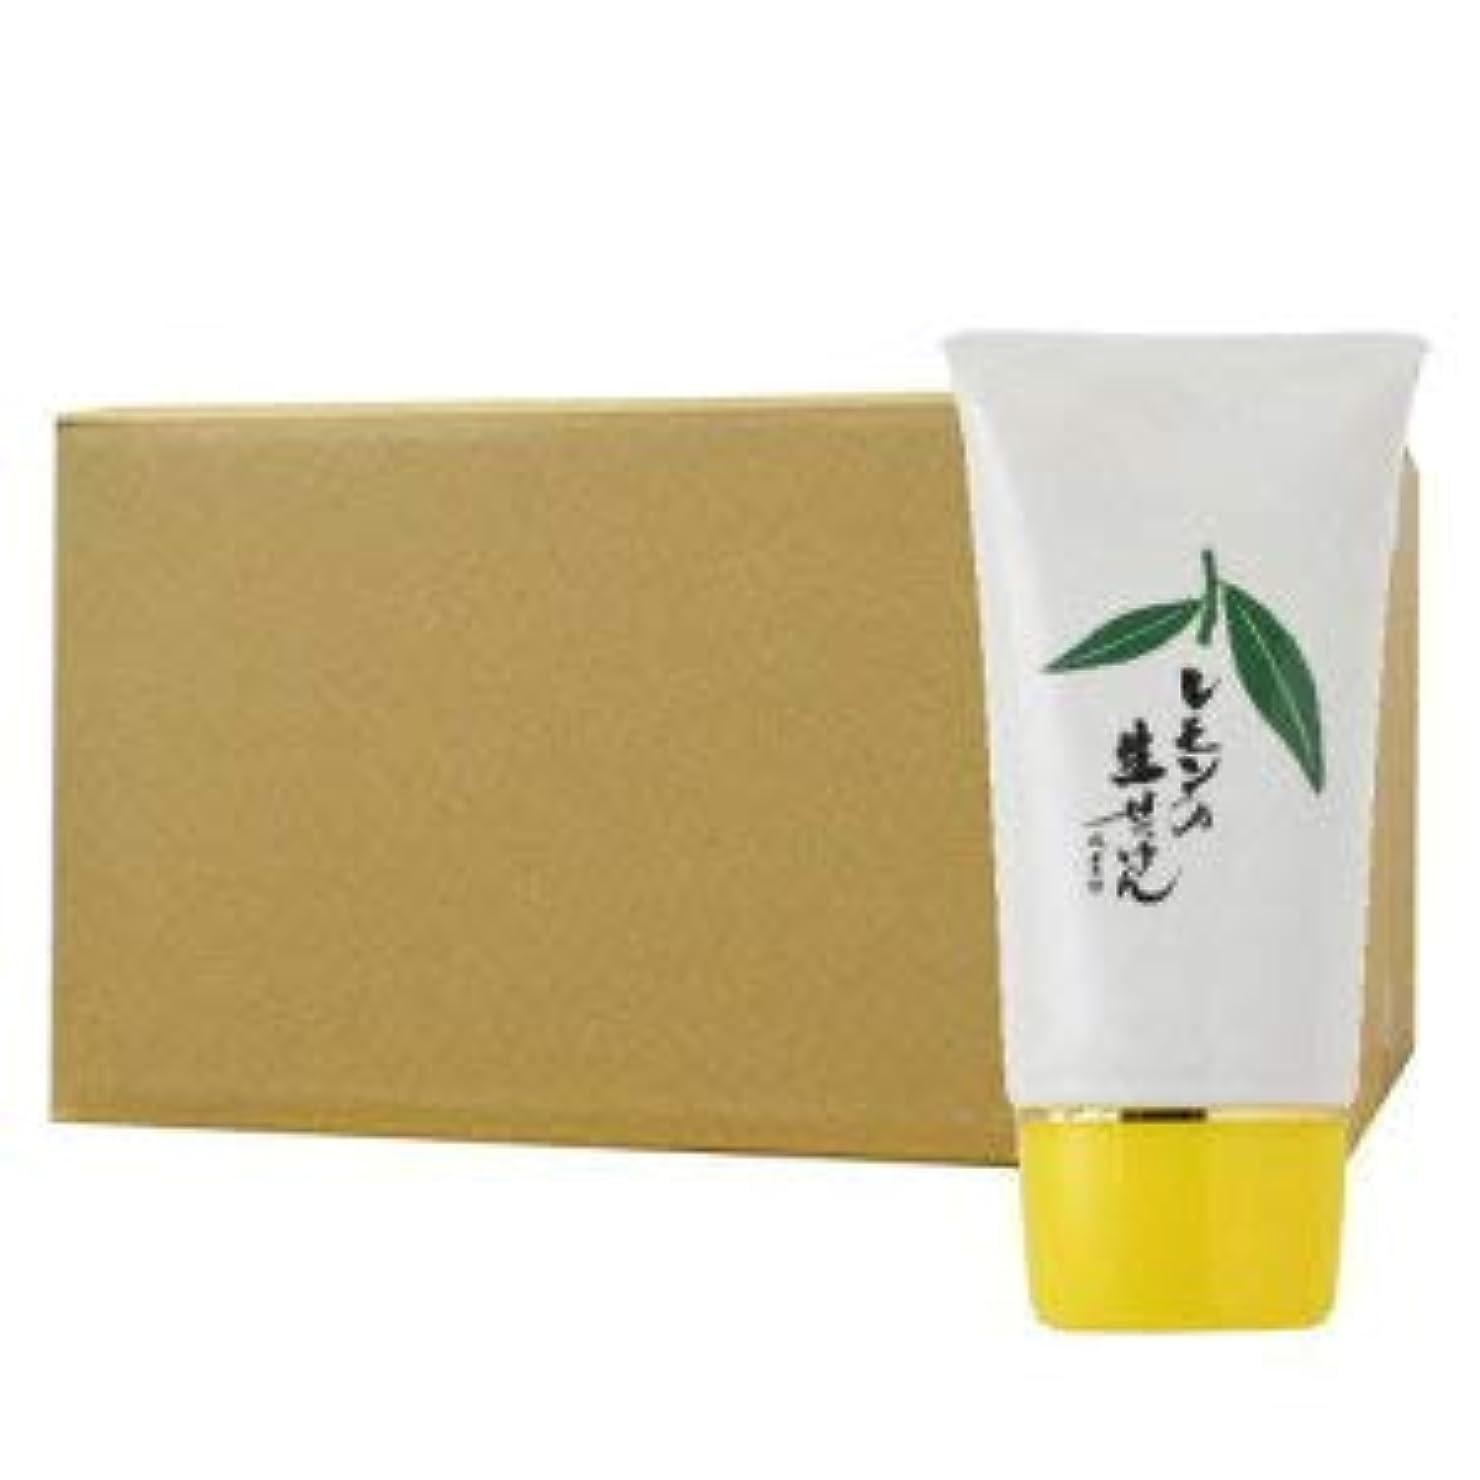 メタリックびっくり同様のUYEKI美香柑レモンの生せっけん70g×60個セット